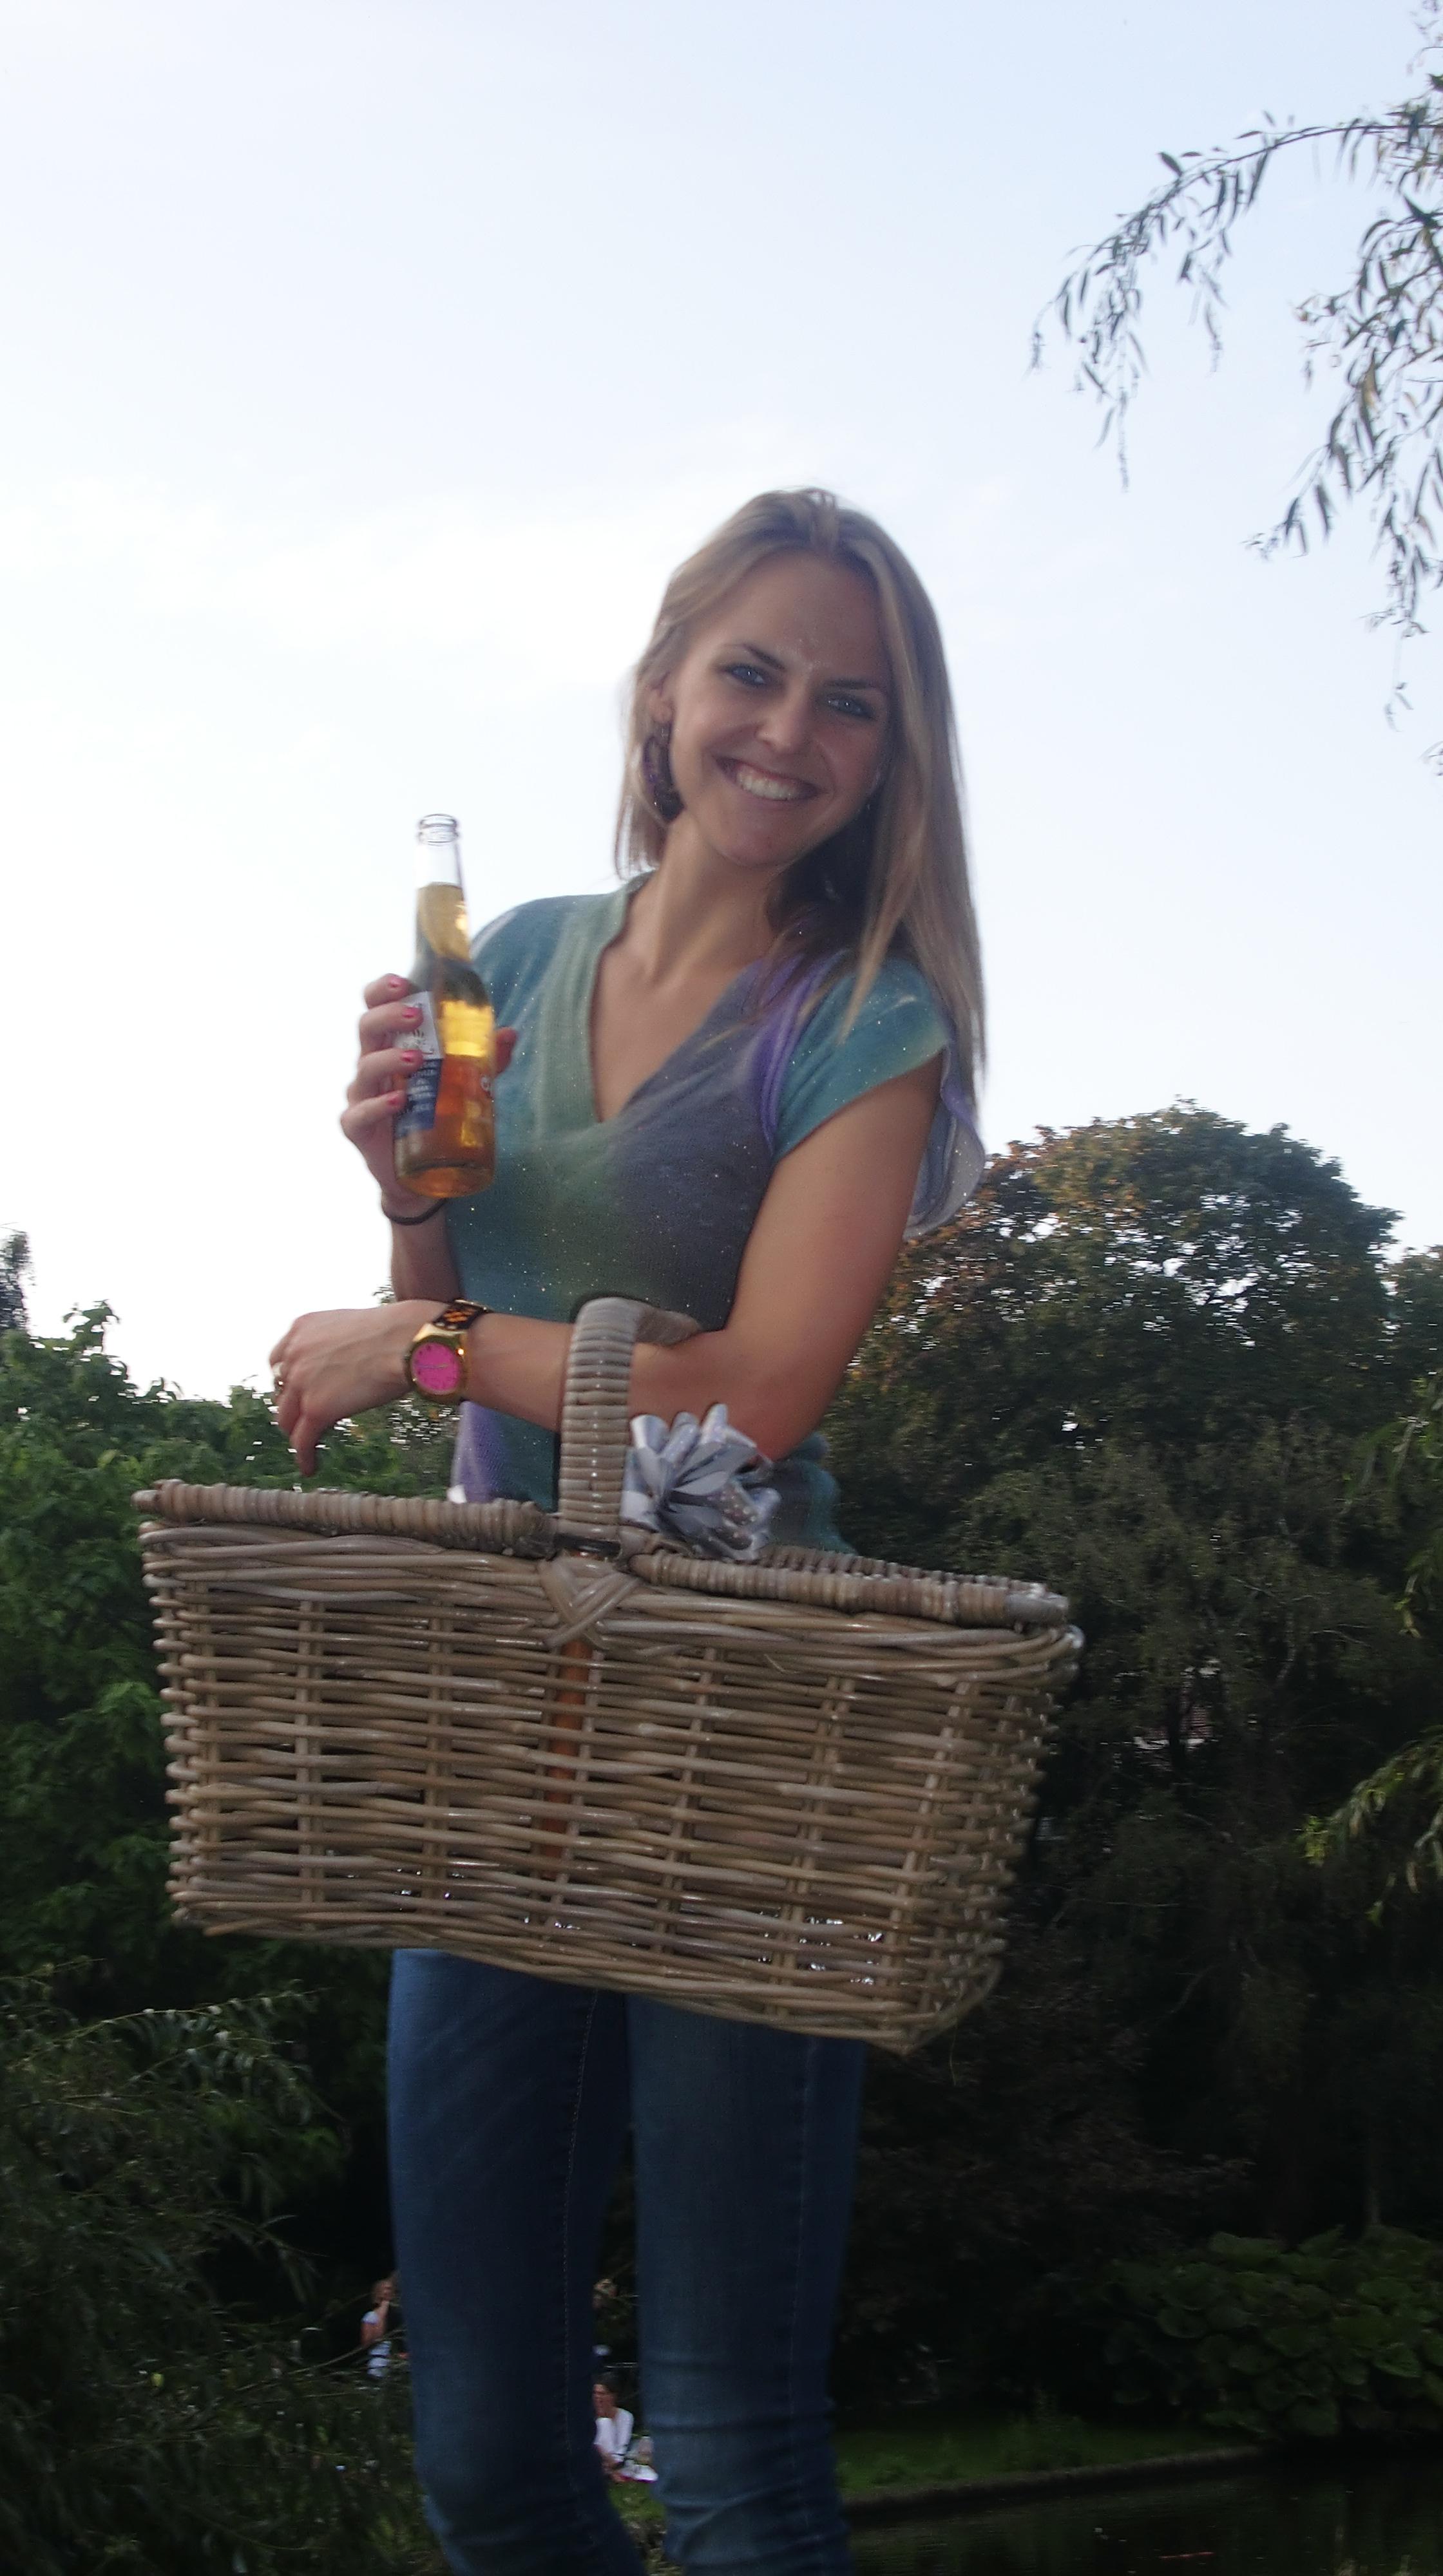 Bag at You - Picnic basket